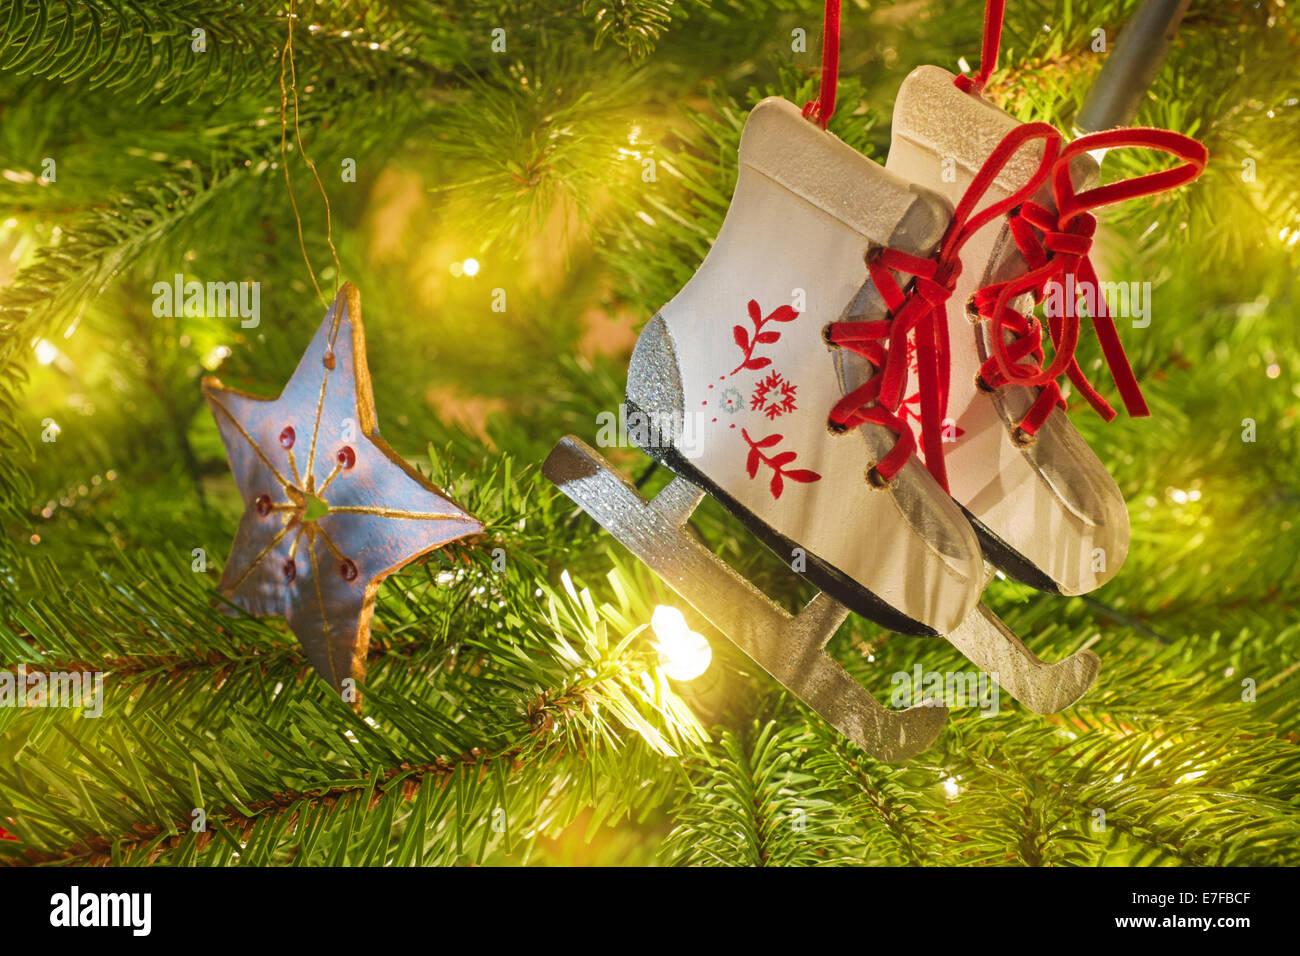 Decorazioni In Legno Per Albero Di Natale : Legno pattini da ghiaccio decorazione per albero di natale foto